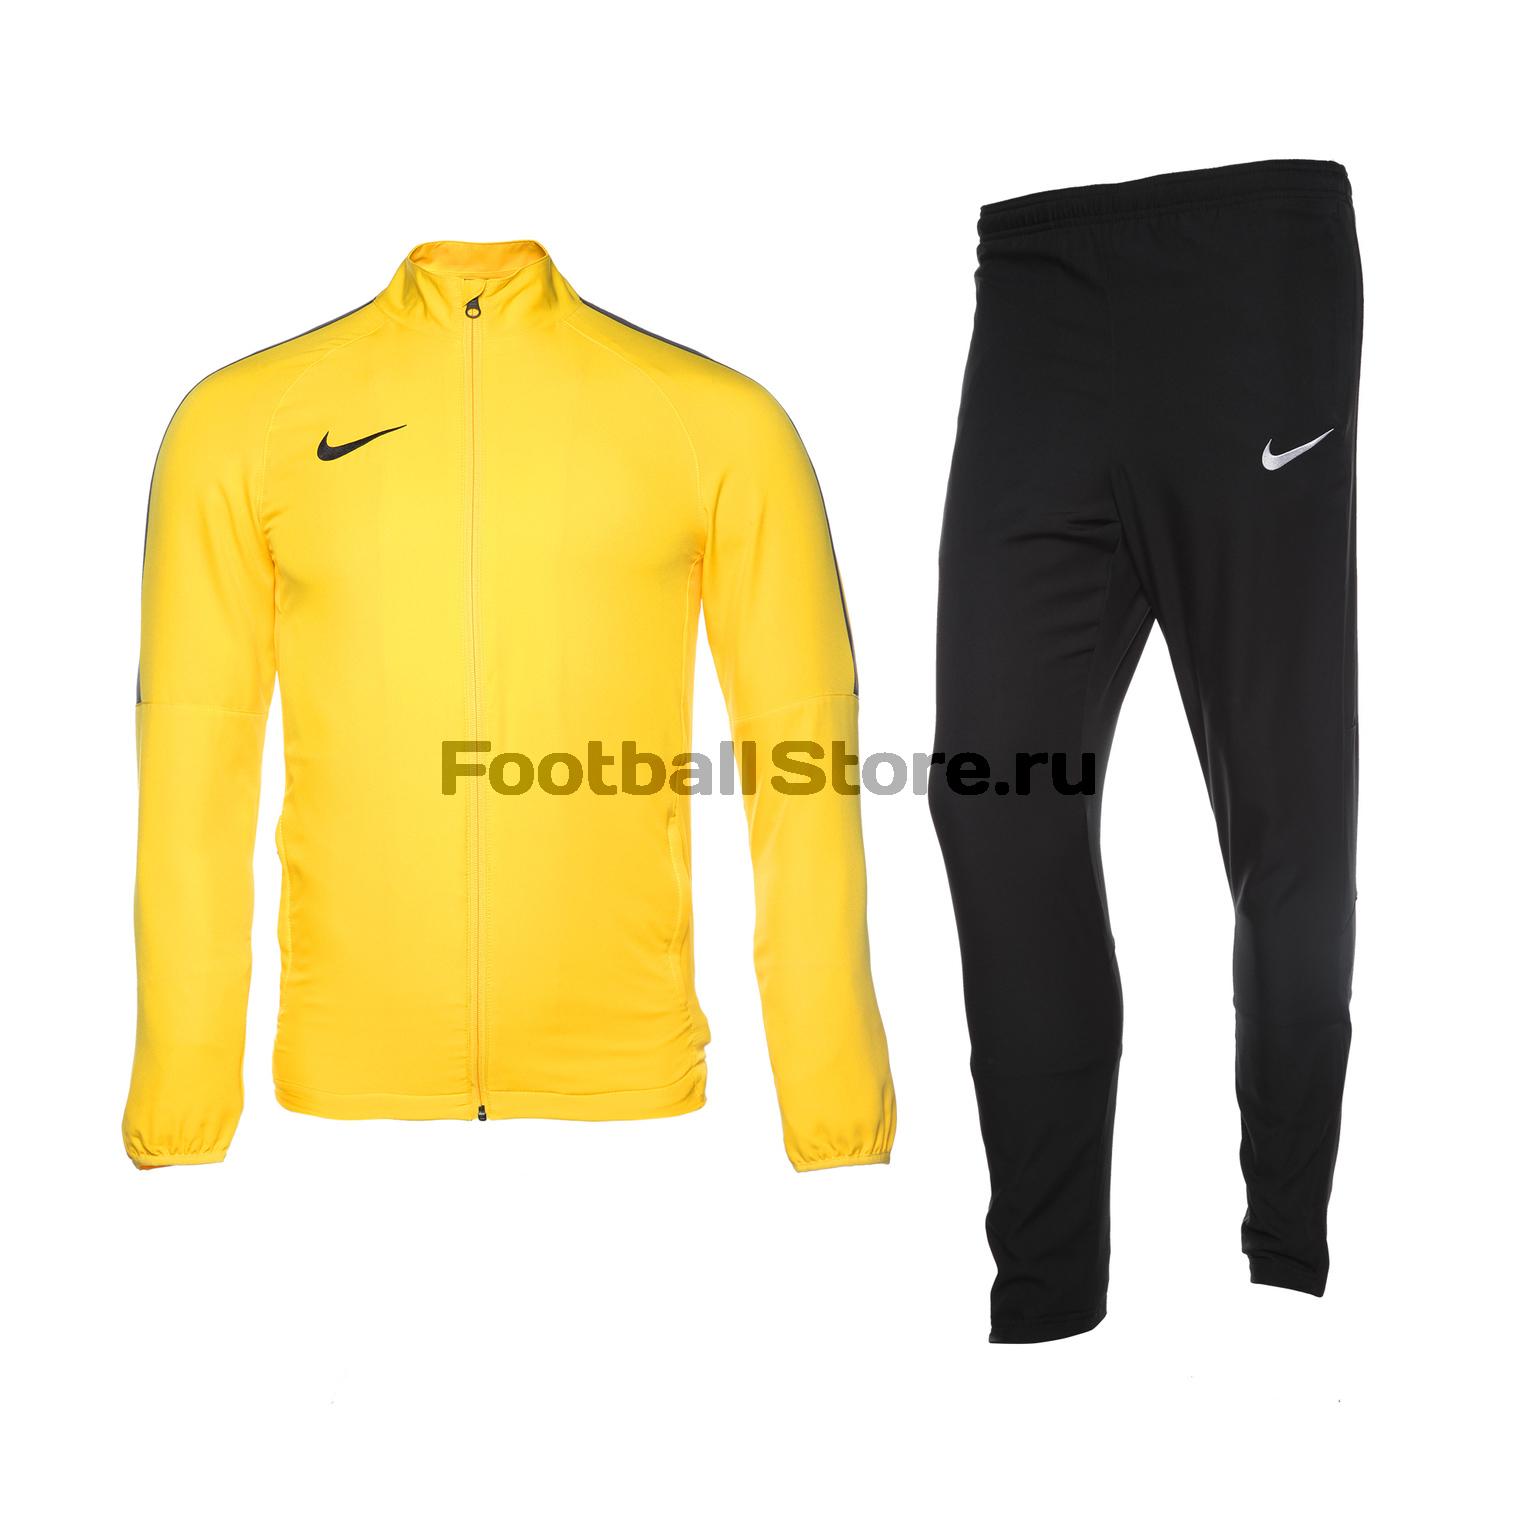 Костюм спортивный Nike Dry Academy18 TRK Suit W 893709-719 костюм спортивный nike dry academy18 trk suit w 893709 361